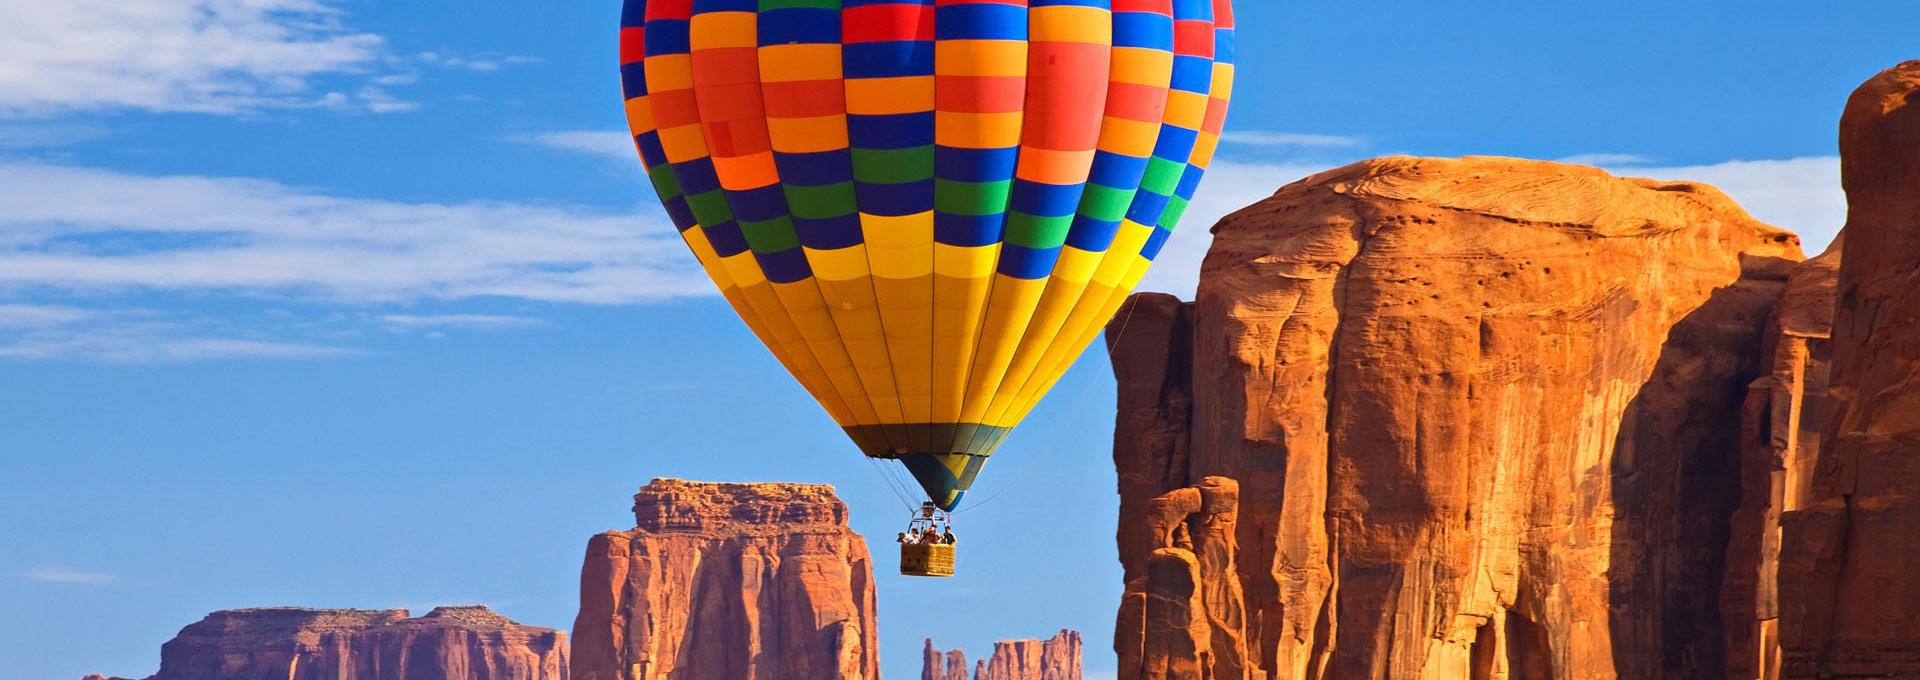 5 Best Outdoor Activities in Arizona